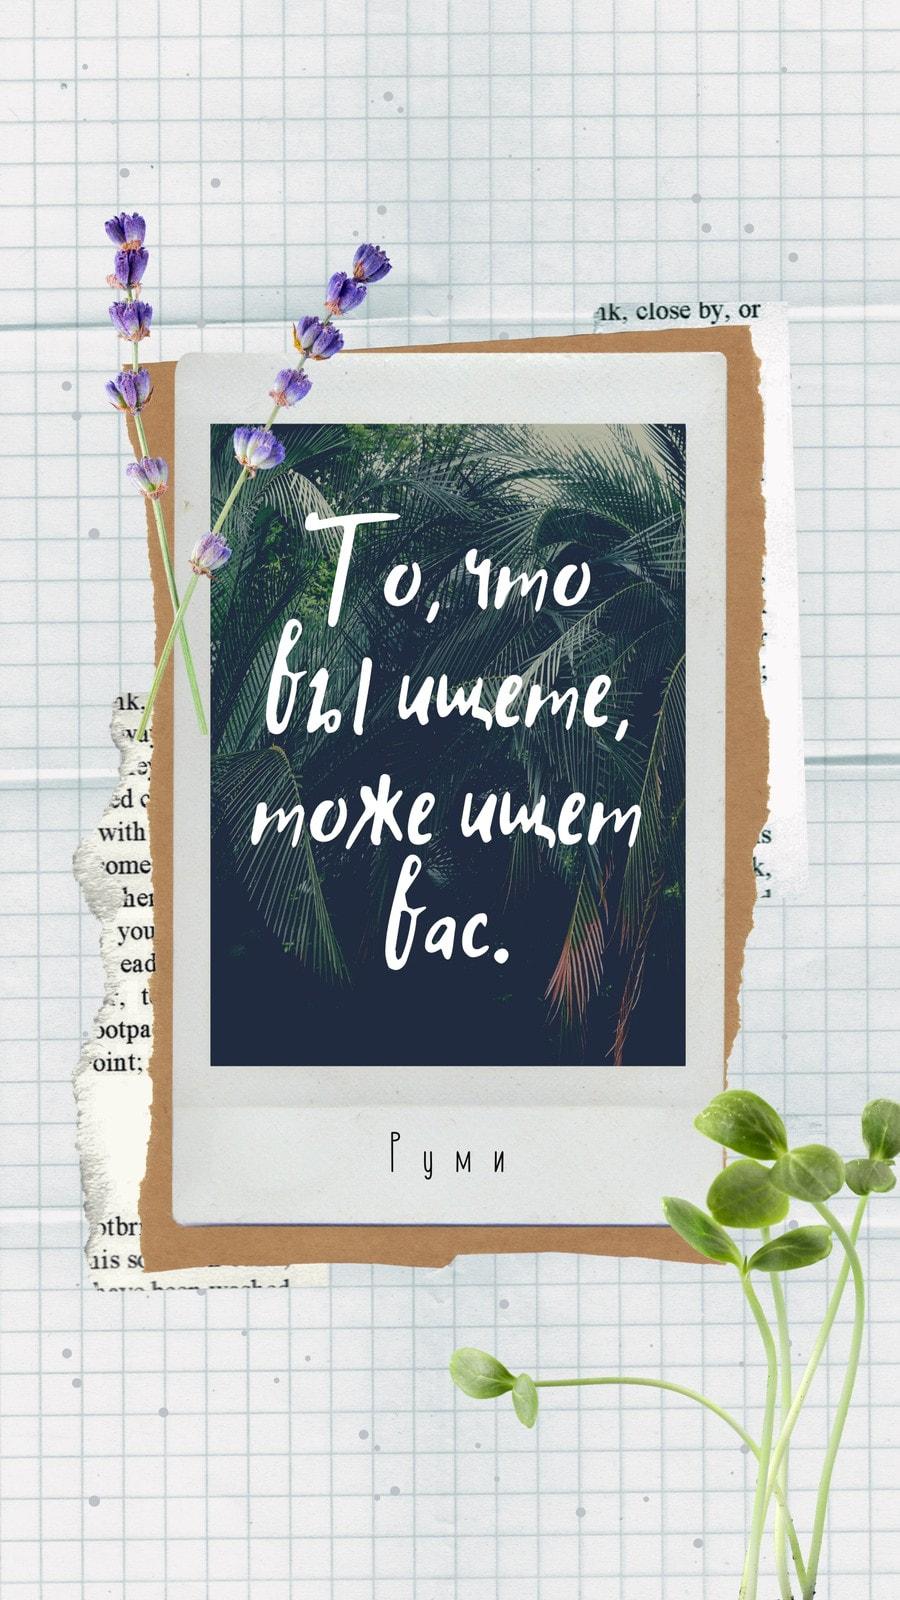 История в Инстаграм с цитатой в белой рамке и флористической графикой